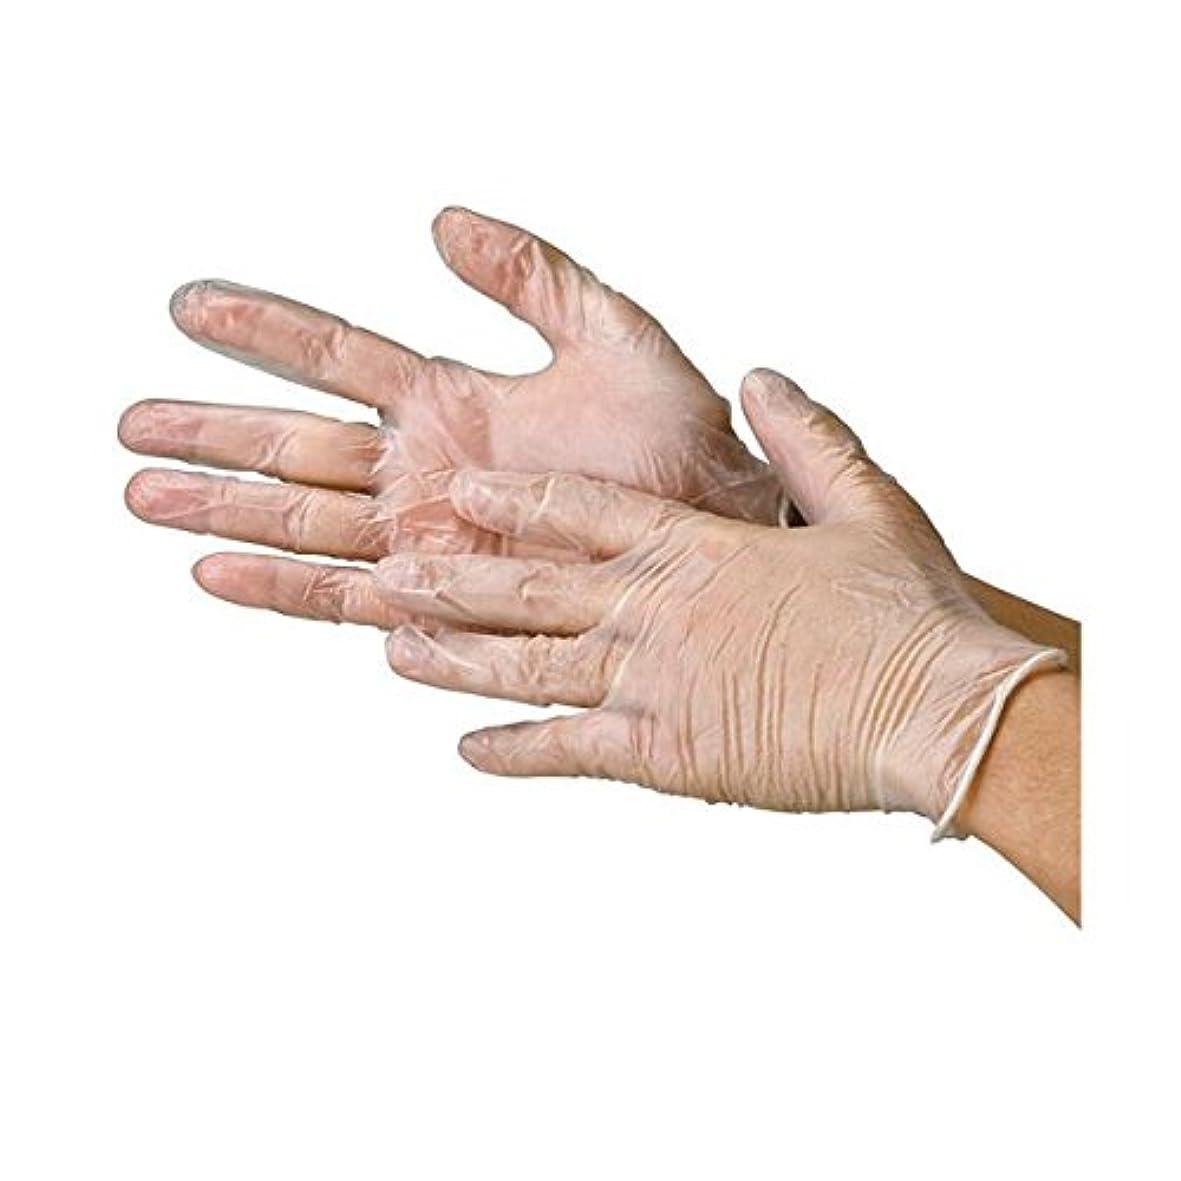 技術シプリーマトン川西工業 ビニール極薄手袋 粉つき S 20袋 ds-1915764